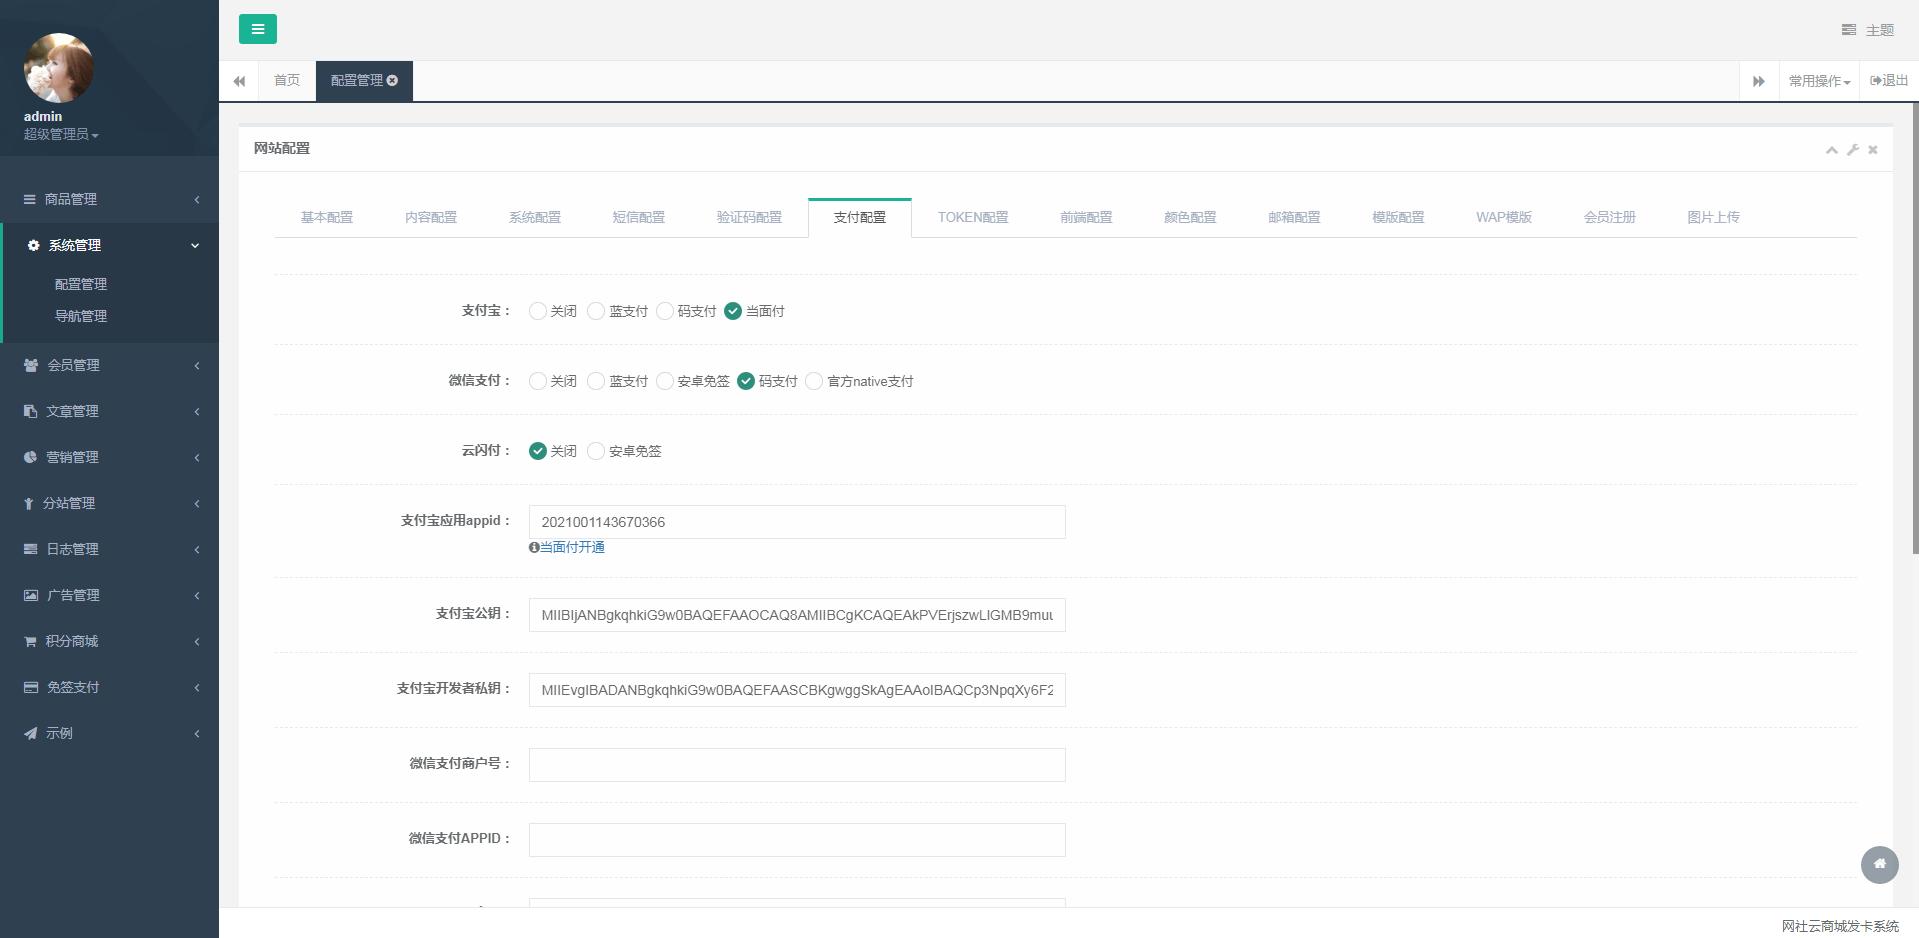 TP伯乐个人发卡系统高级版PHP网站源码 已去授权无后门源码 第2张